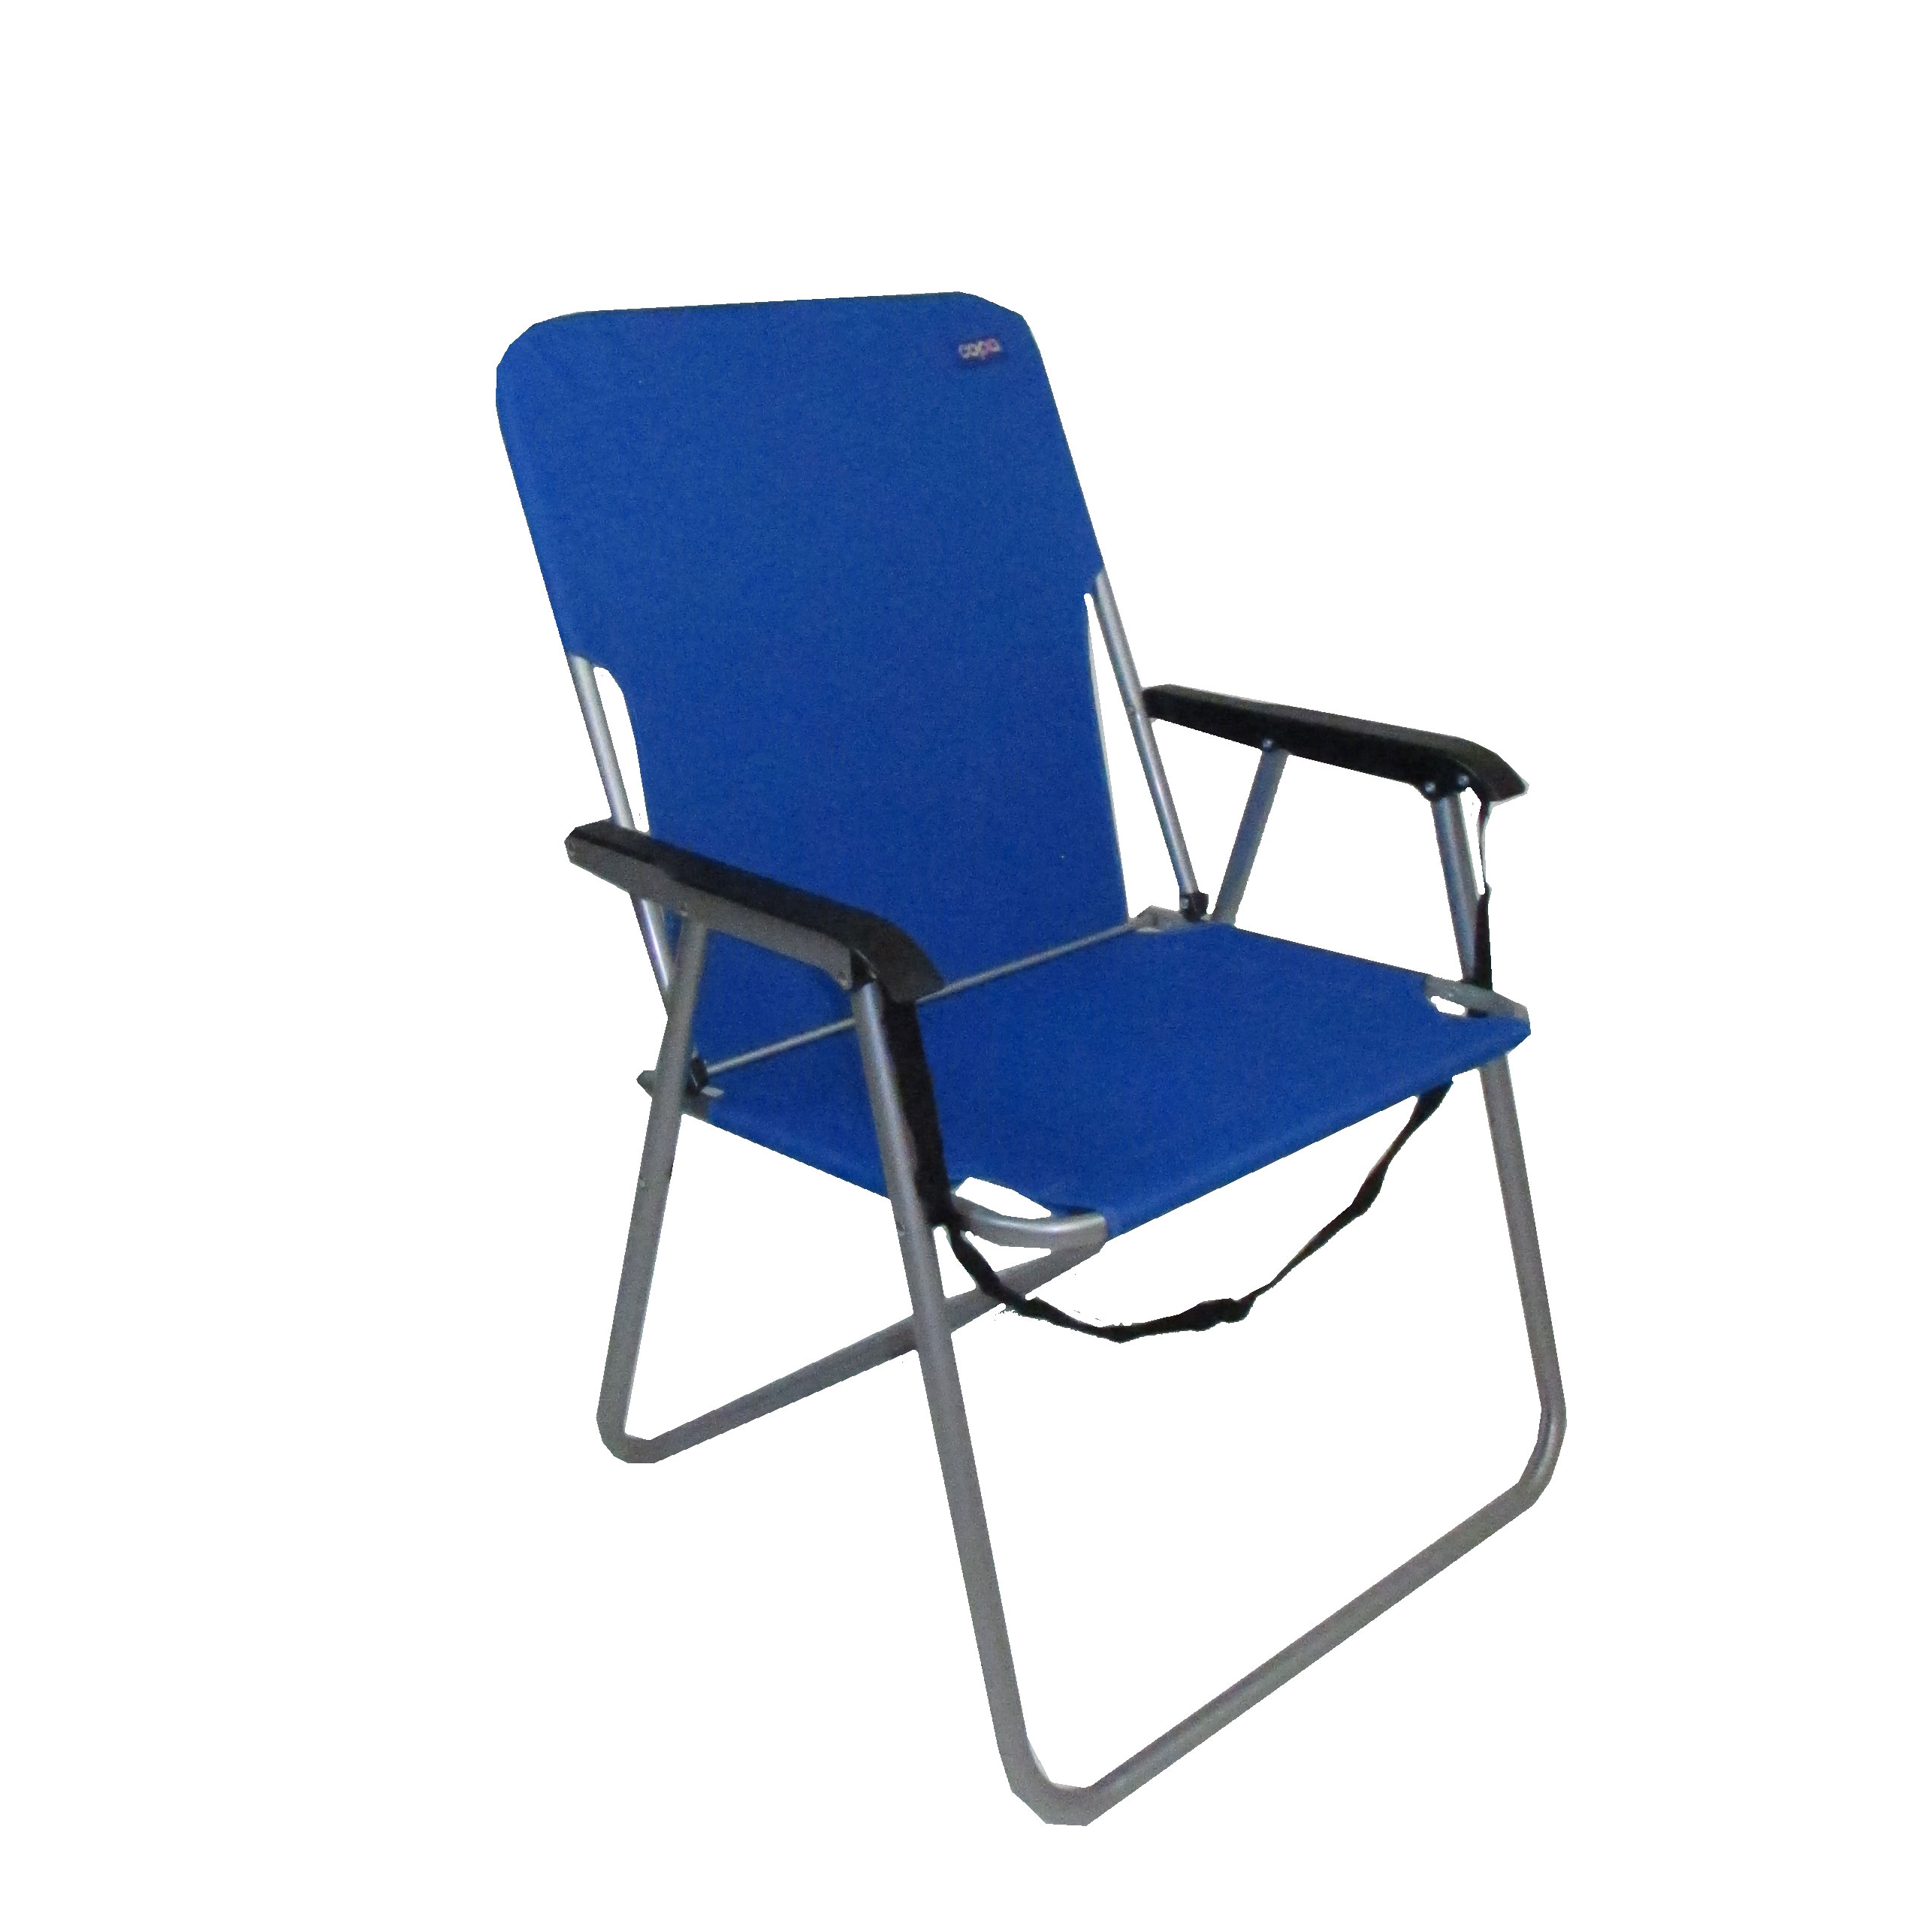 High Seat Beach Chair by JGR